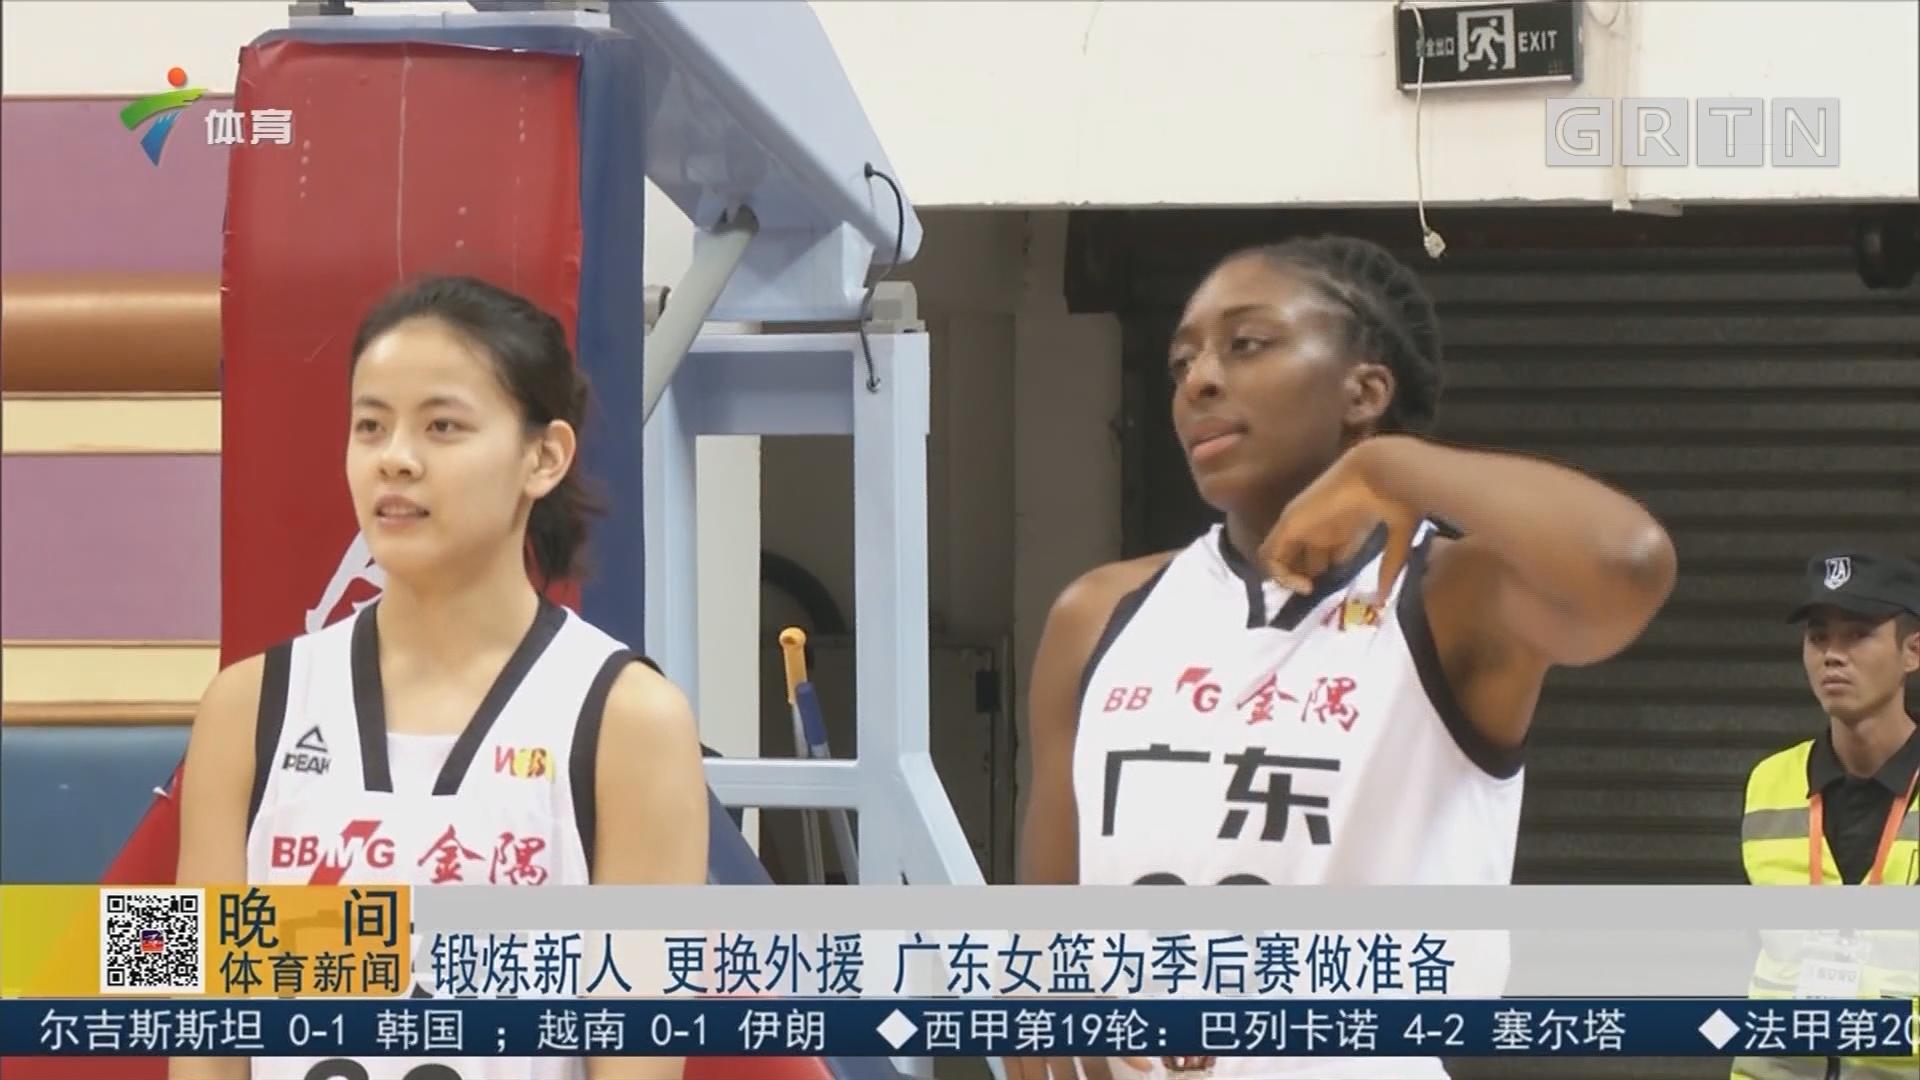 锻炼新人 更换外援 广东女篮为季后赛做准备